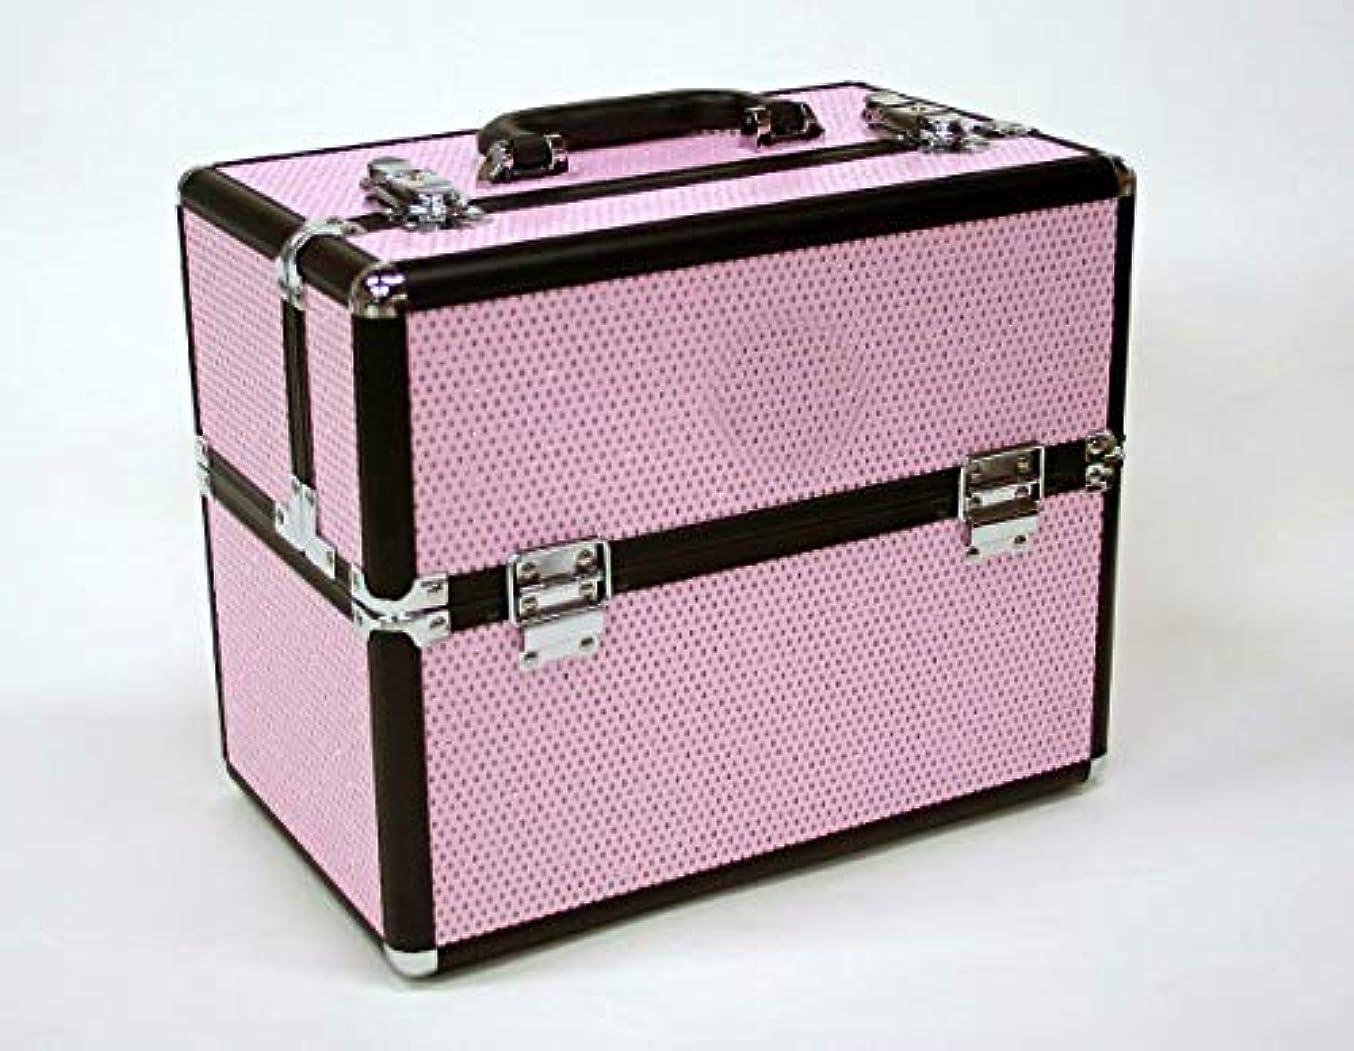 触覚実現可能性泳ぐメイクボックス D2651IK-6 軽量タイプ コスメボックス 化粧箱 メイクアップボックス Make box MAKE UP BOX